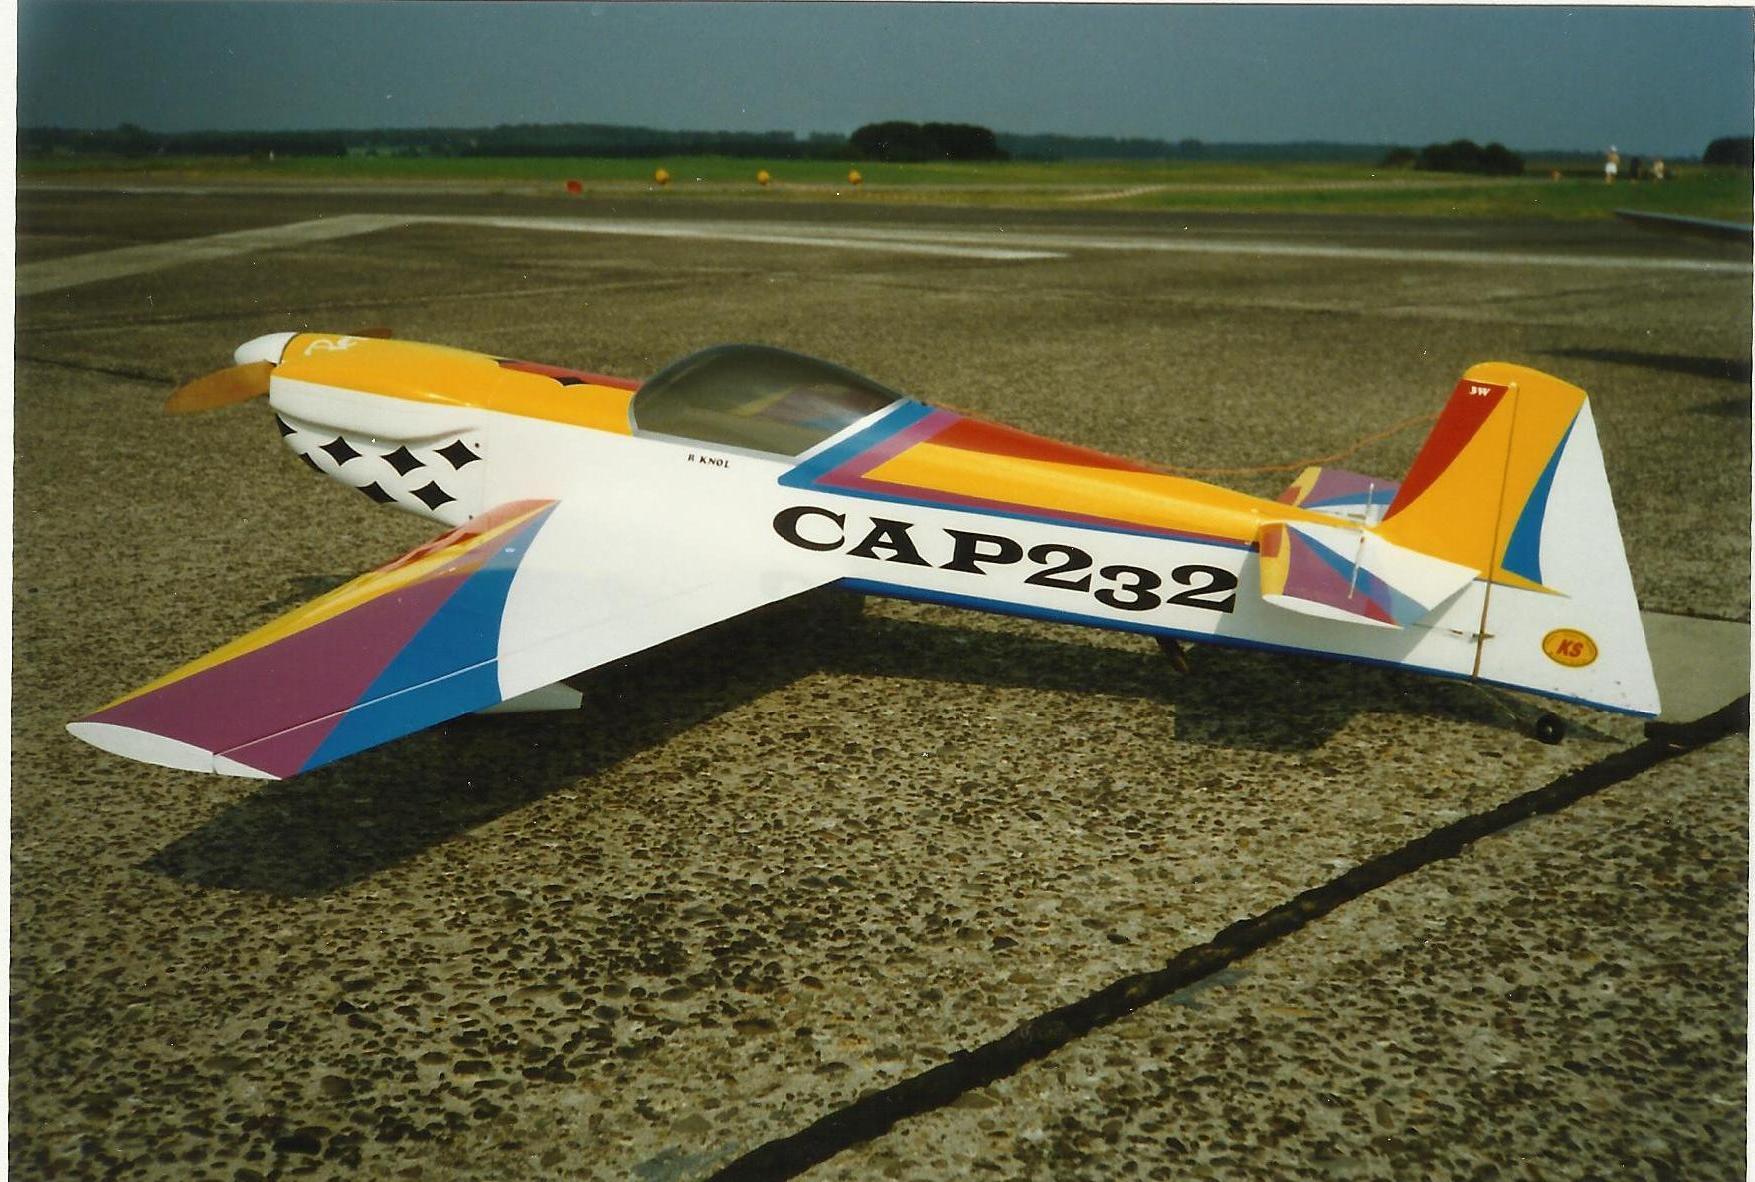 Cap232 - 1,8M - 1